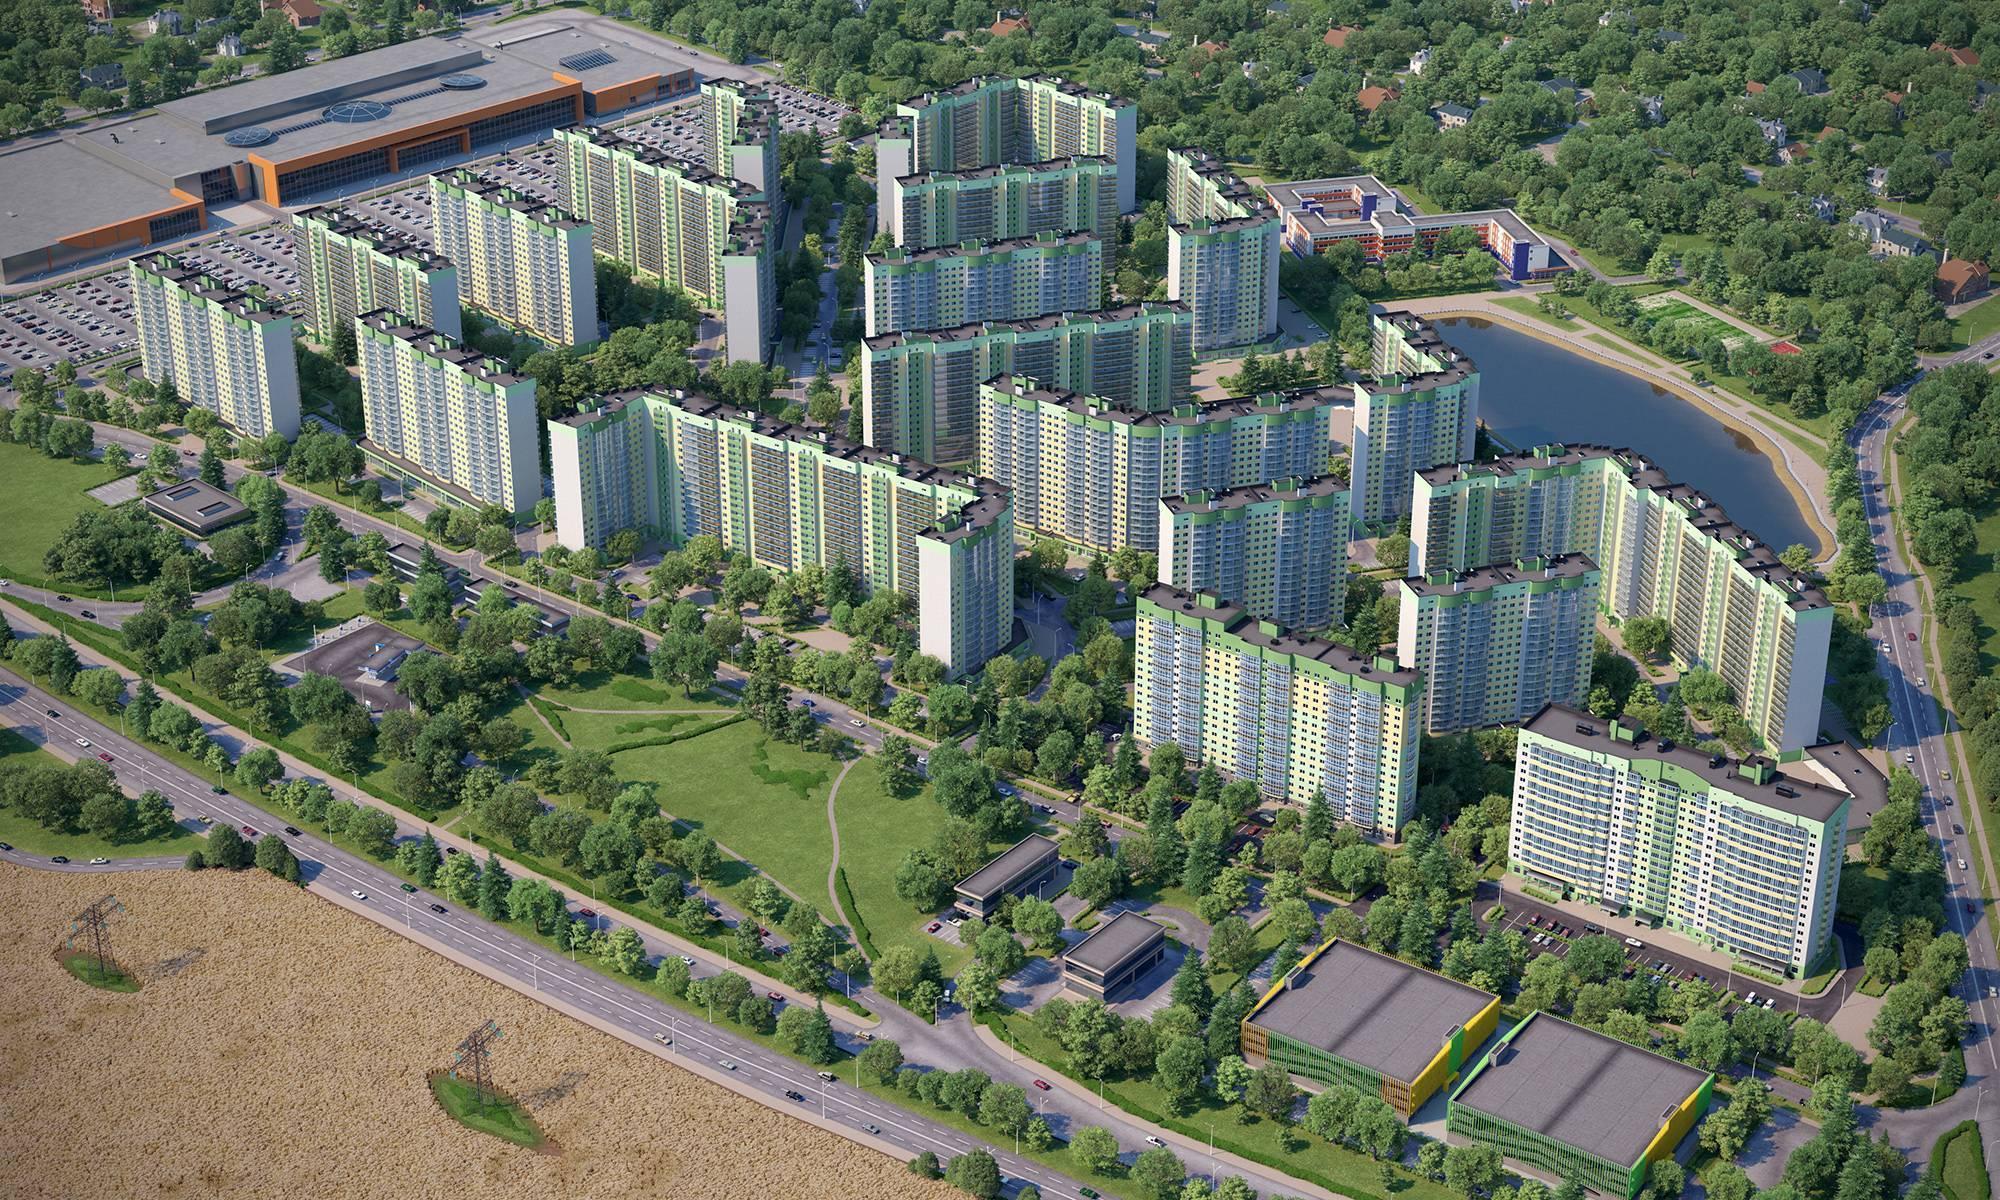 Мкрн «Город Счастья»: хорошая транспортная доступность и квартиры от 1,6 млн рублей